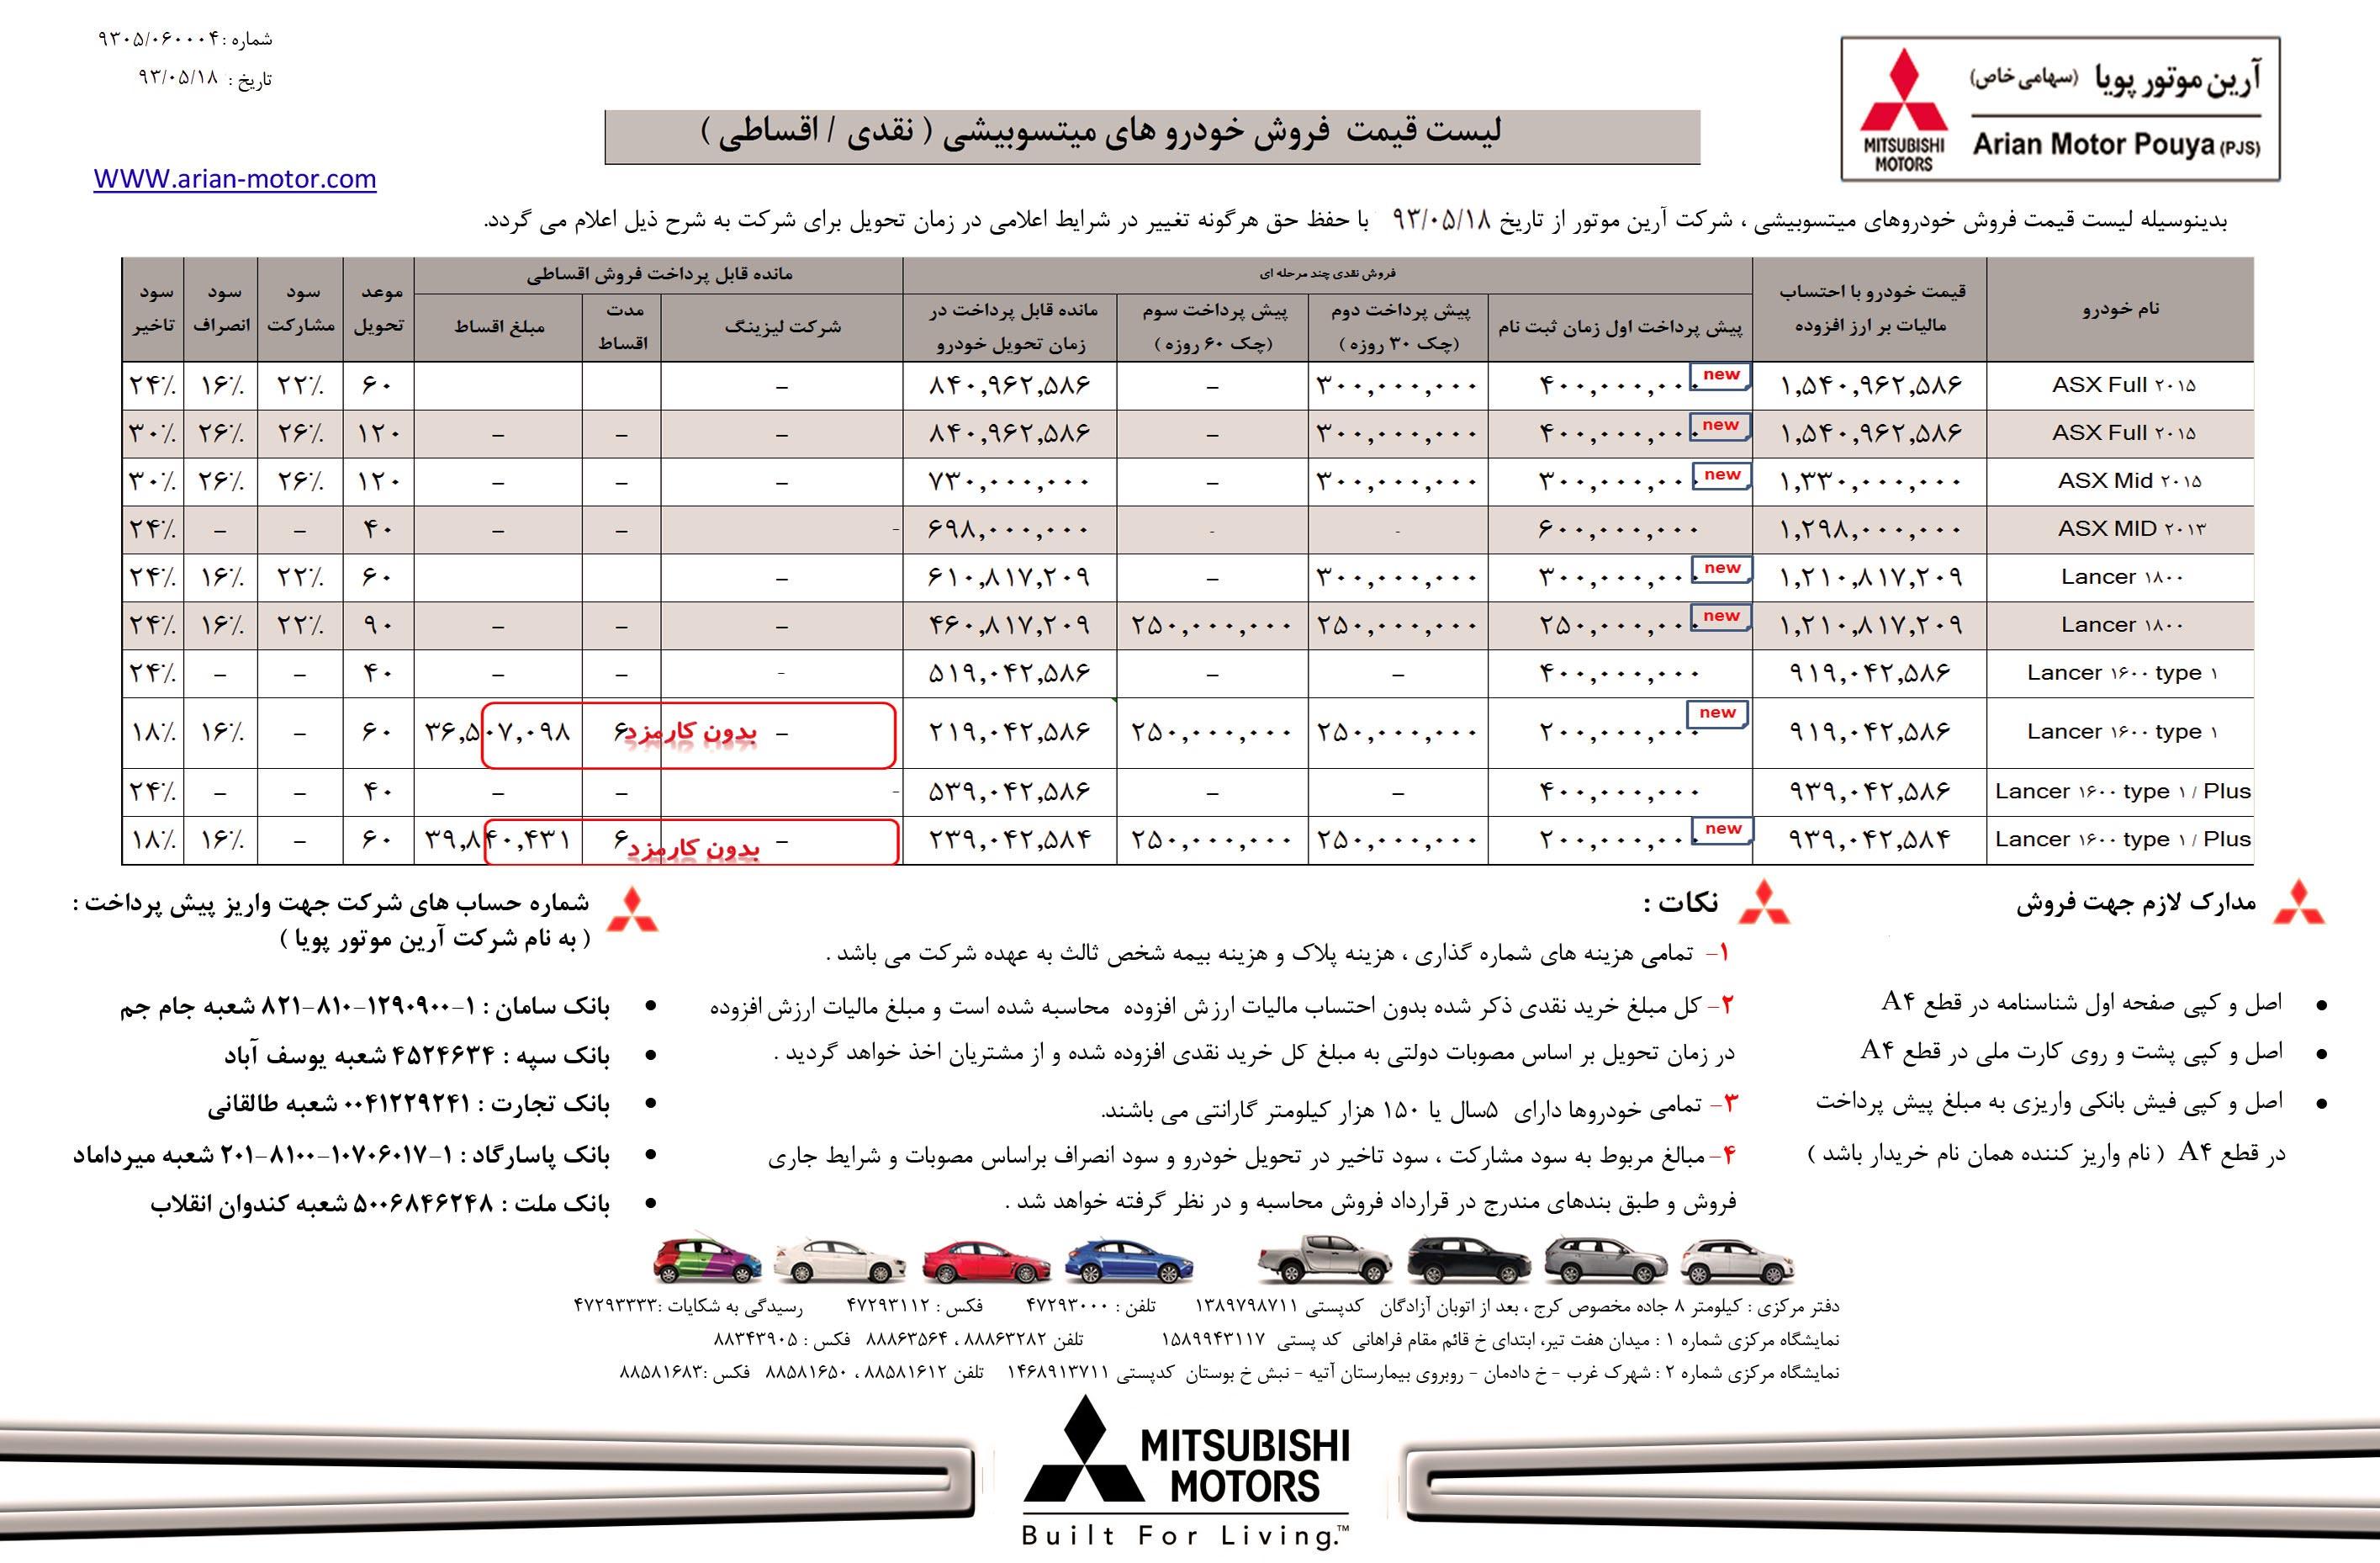 قیمت ماشین تا 60 میلیون